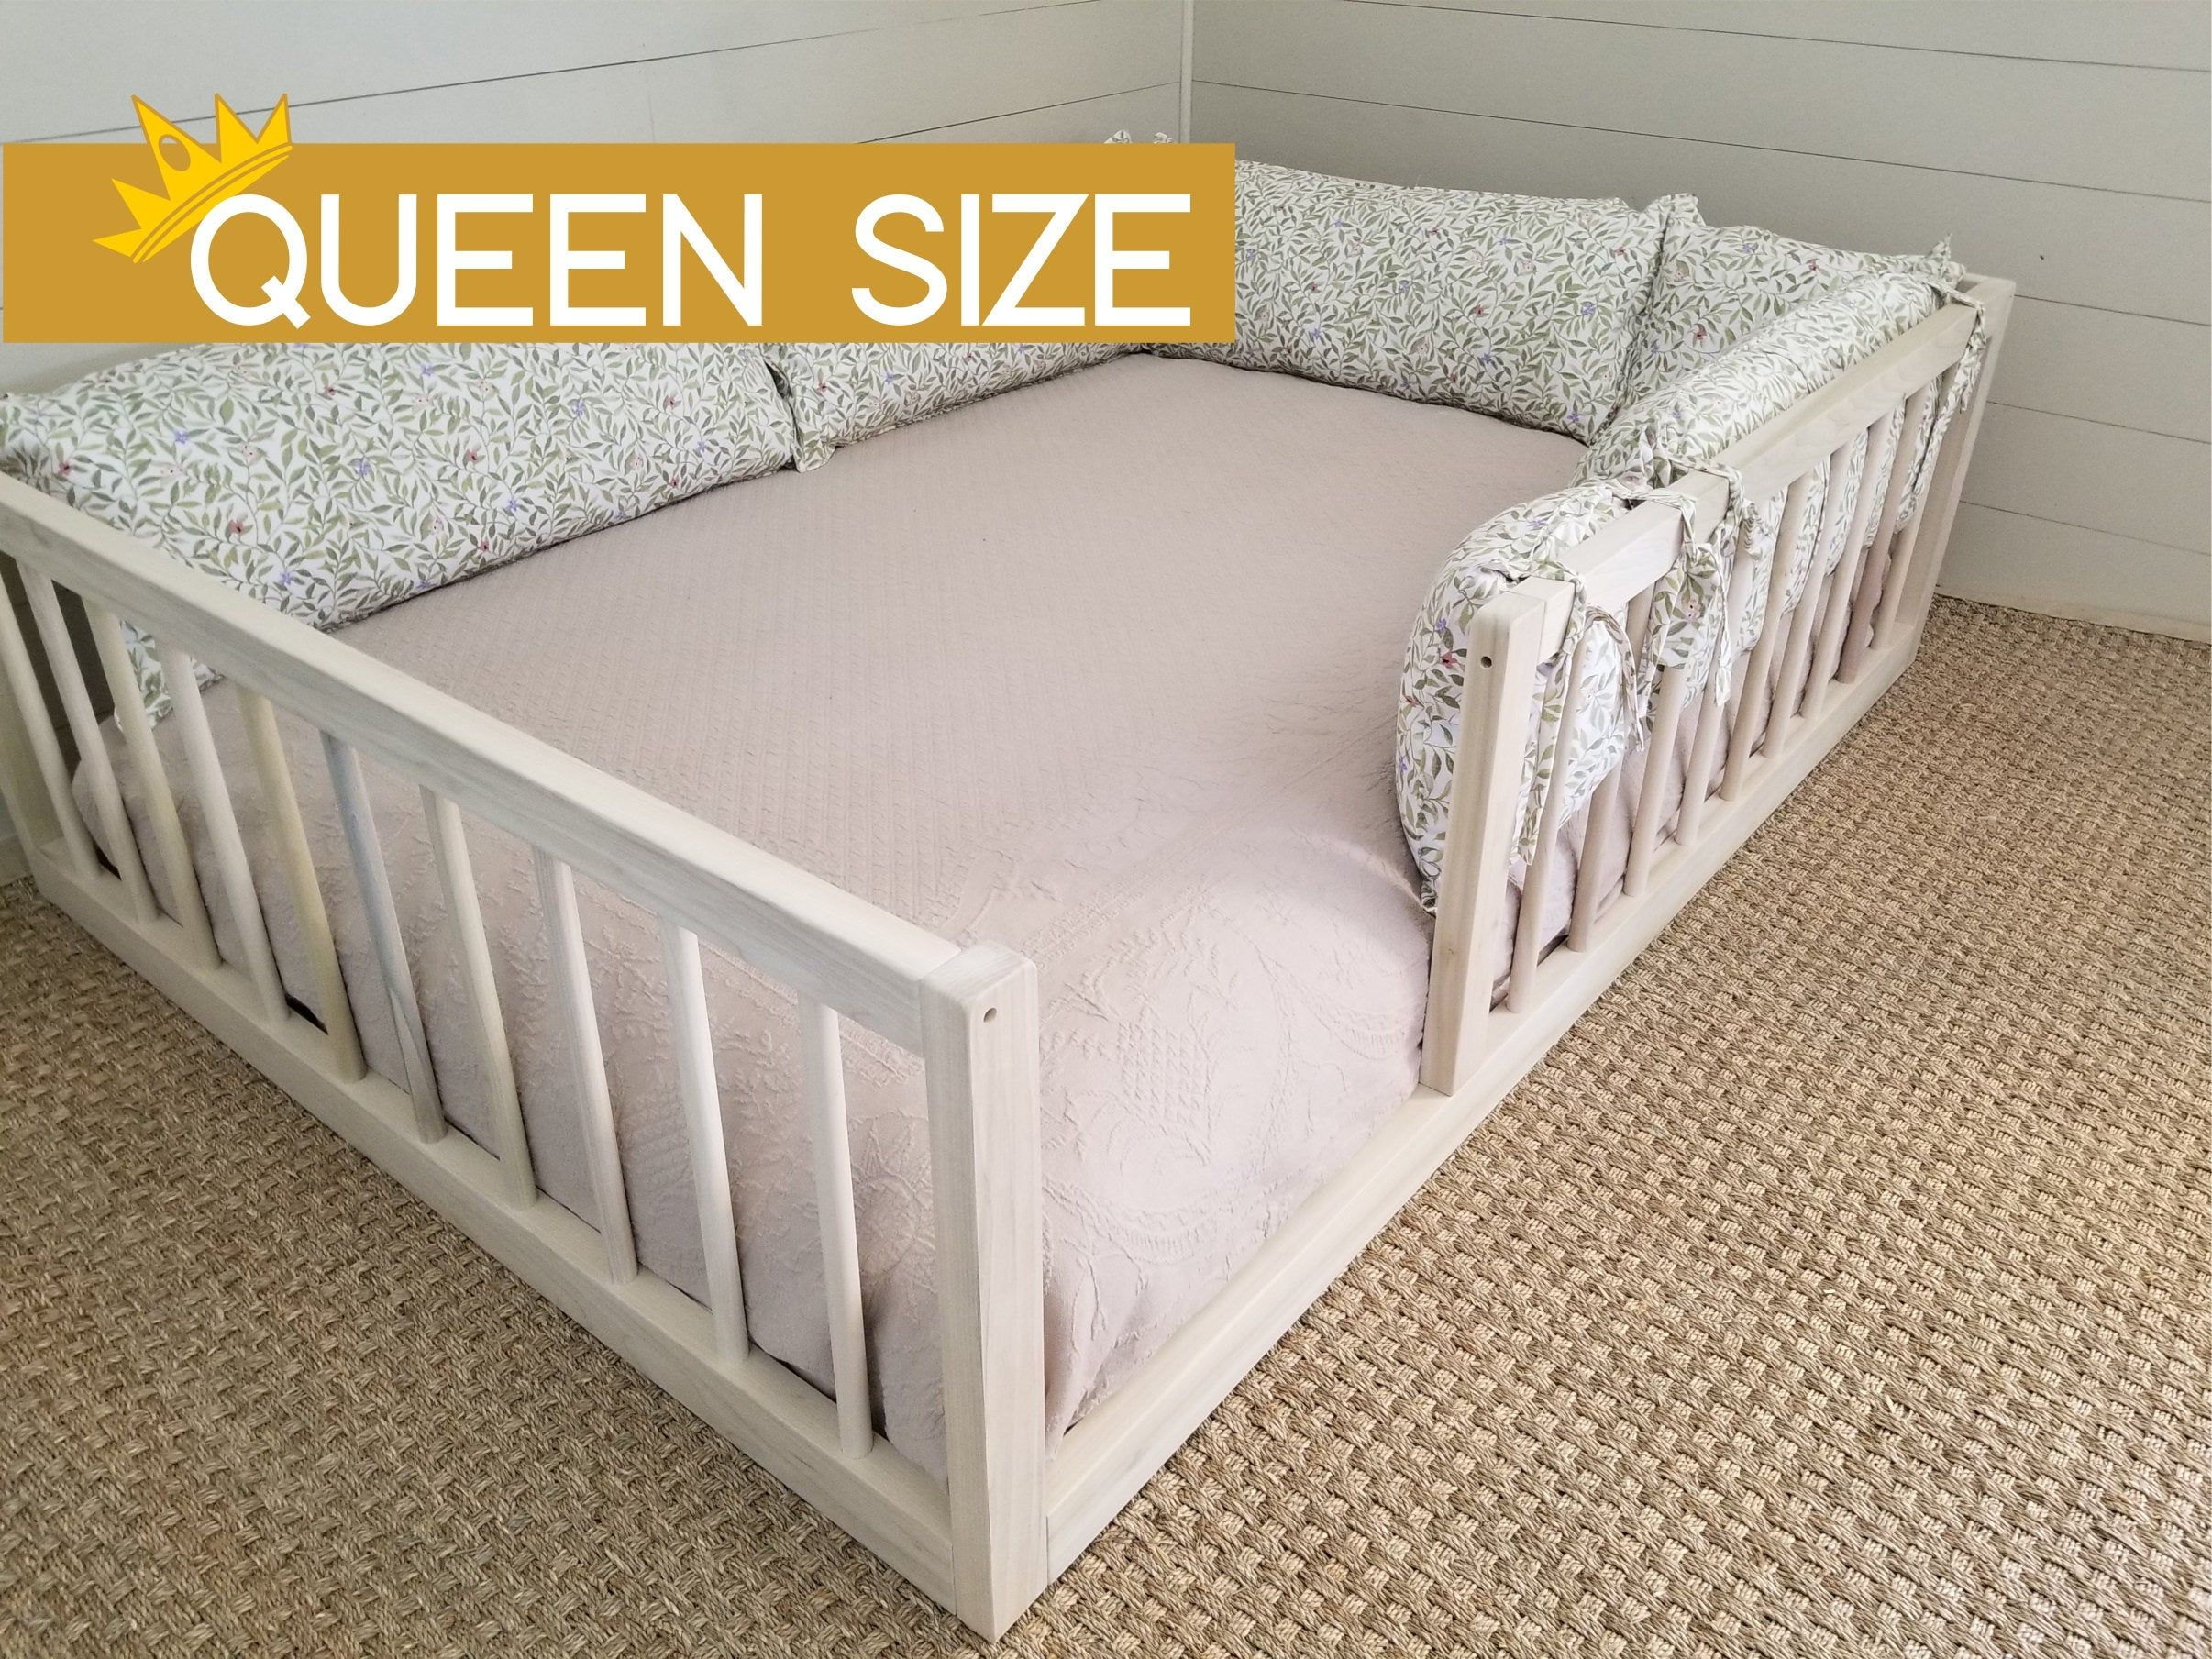 New Queen Montessori Floor Bed With Rails Floor Bed Hardwood Made